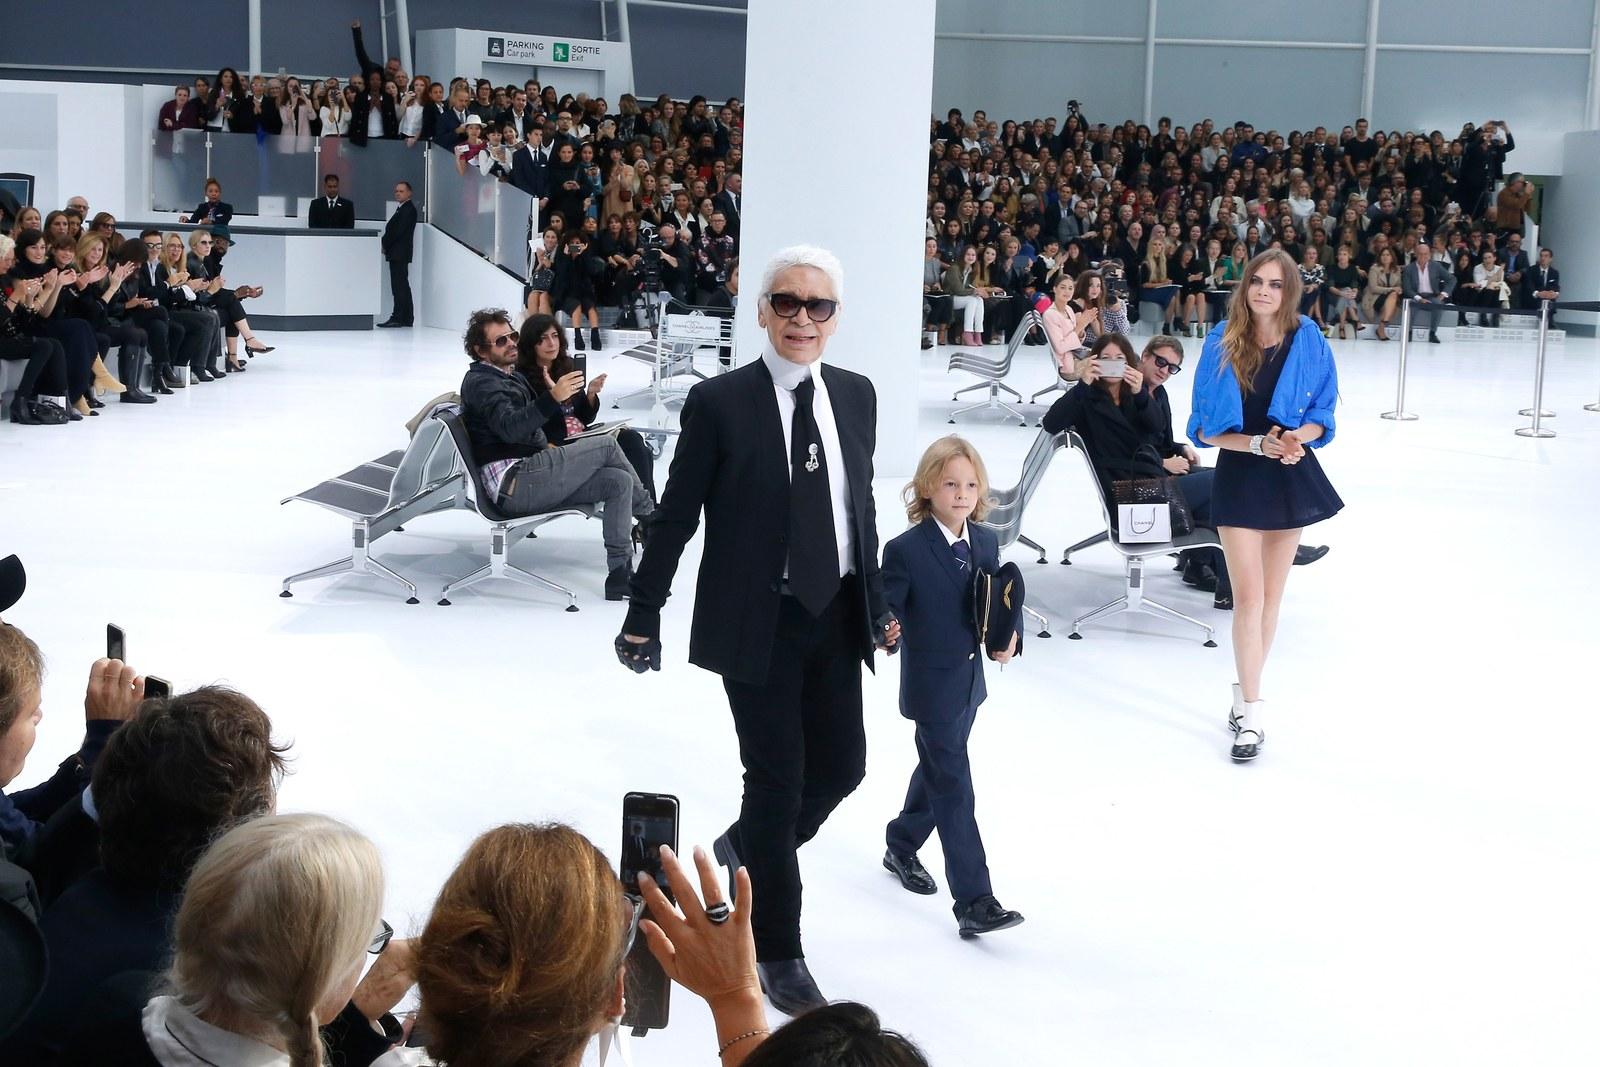 Trong vai cơ trưởng nhí, Hudson ra chào các khán giả của show diễn Chanel Xuân Hè 2016 cùng nhà thiết kế Karl Lagerfeld và nàng mẫu nổi tiếng Cara Delevigne.